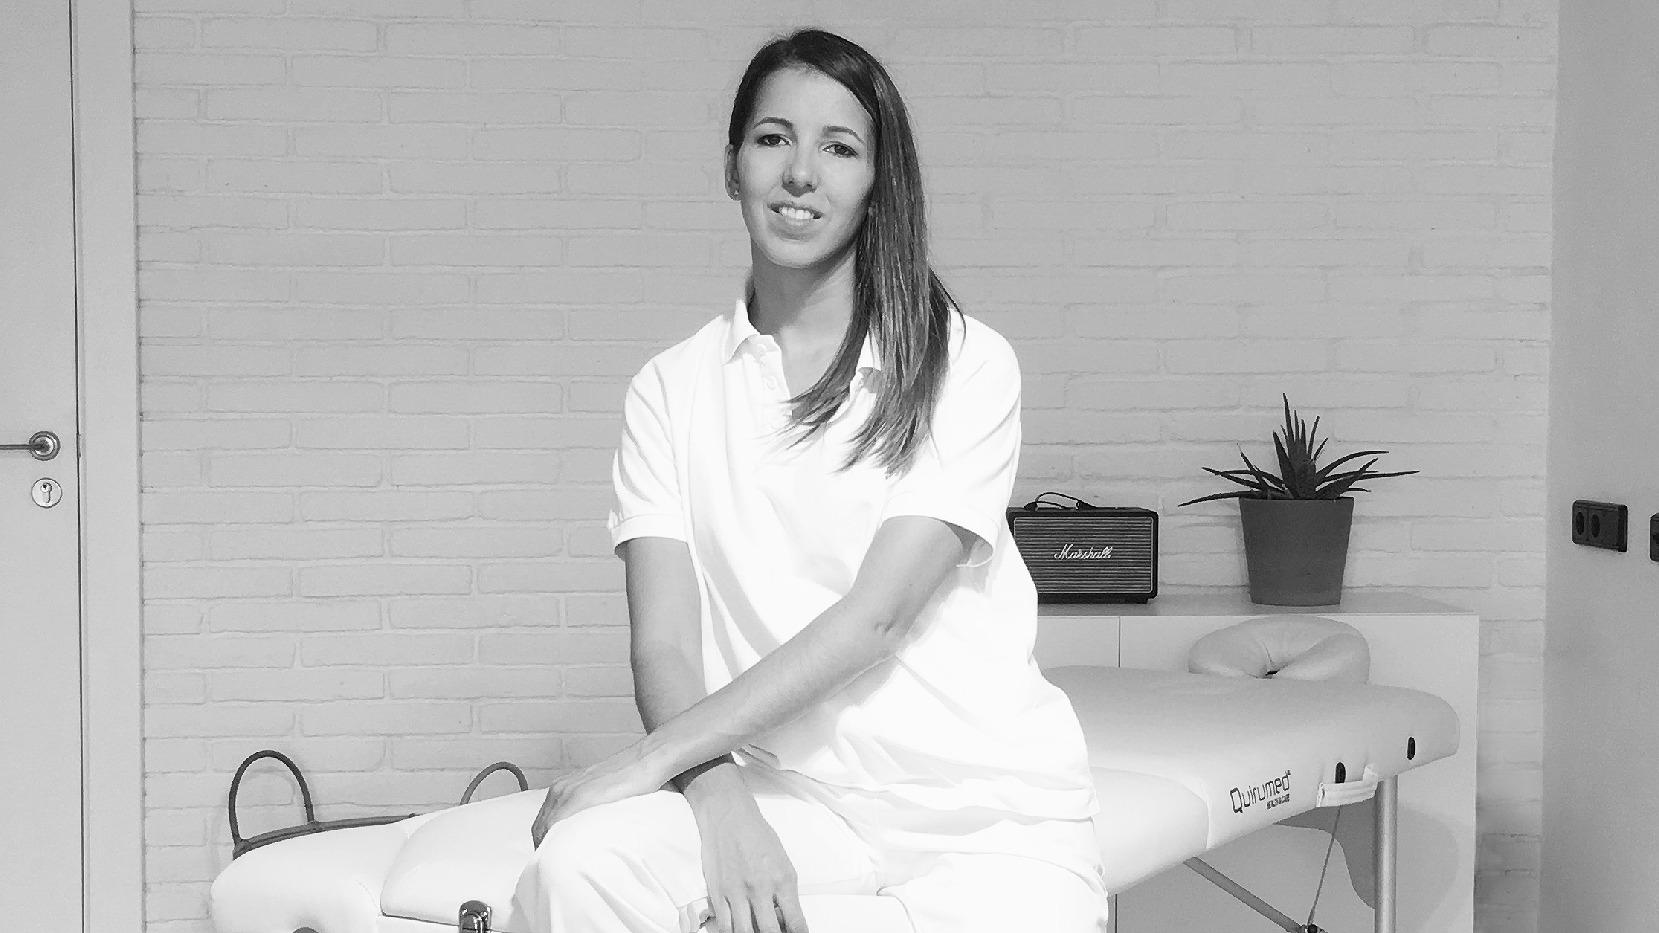 Adriana Lloret